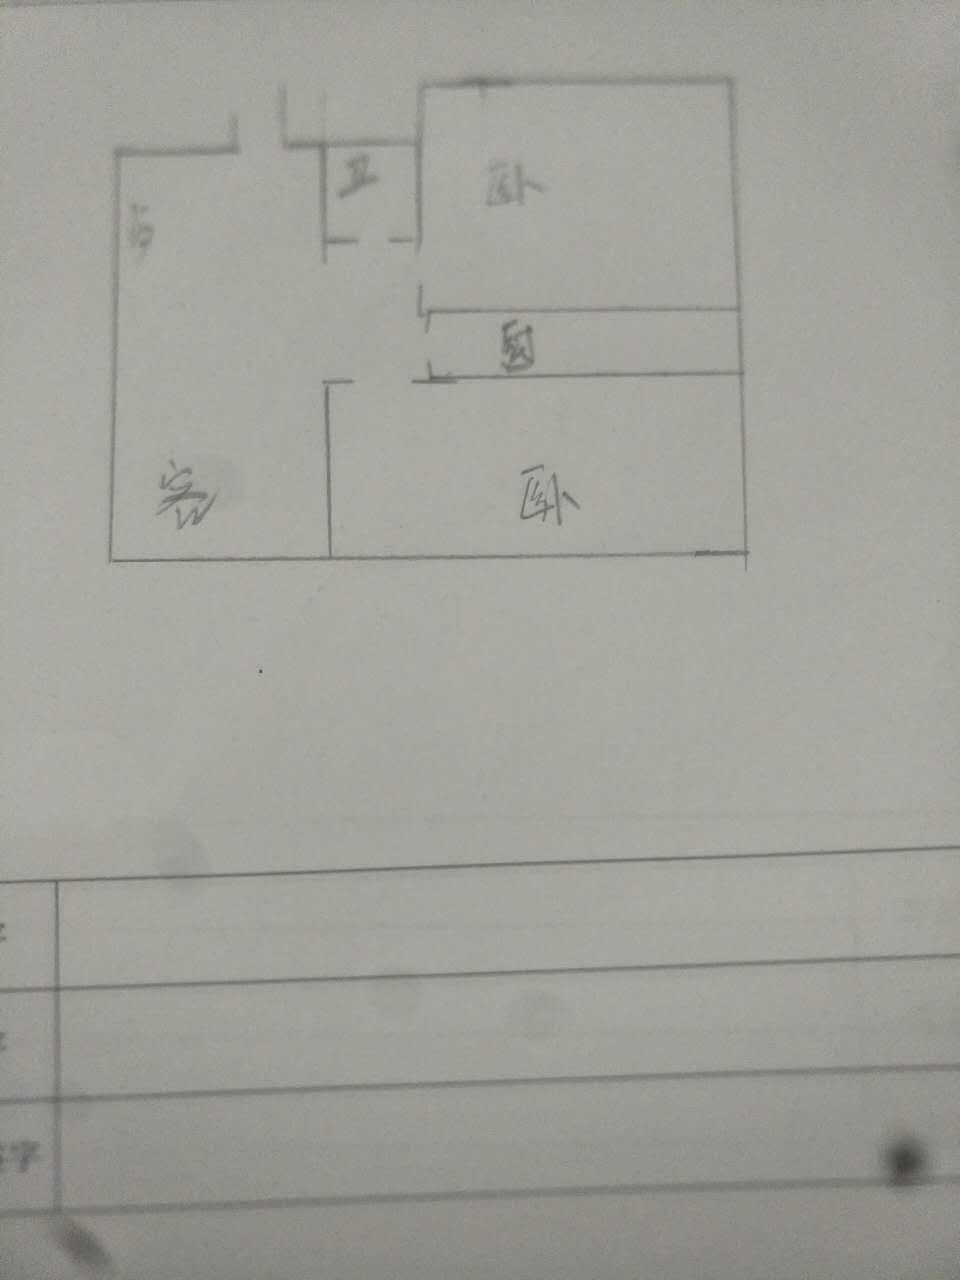 嘉城盛世 2室2厅 4楼